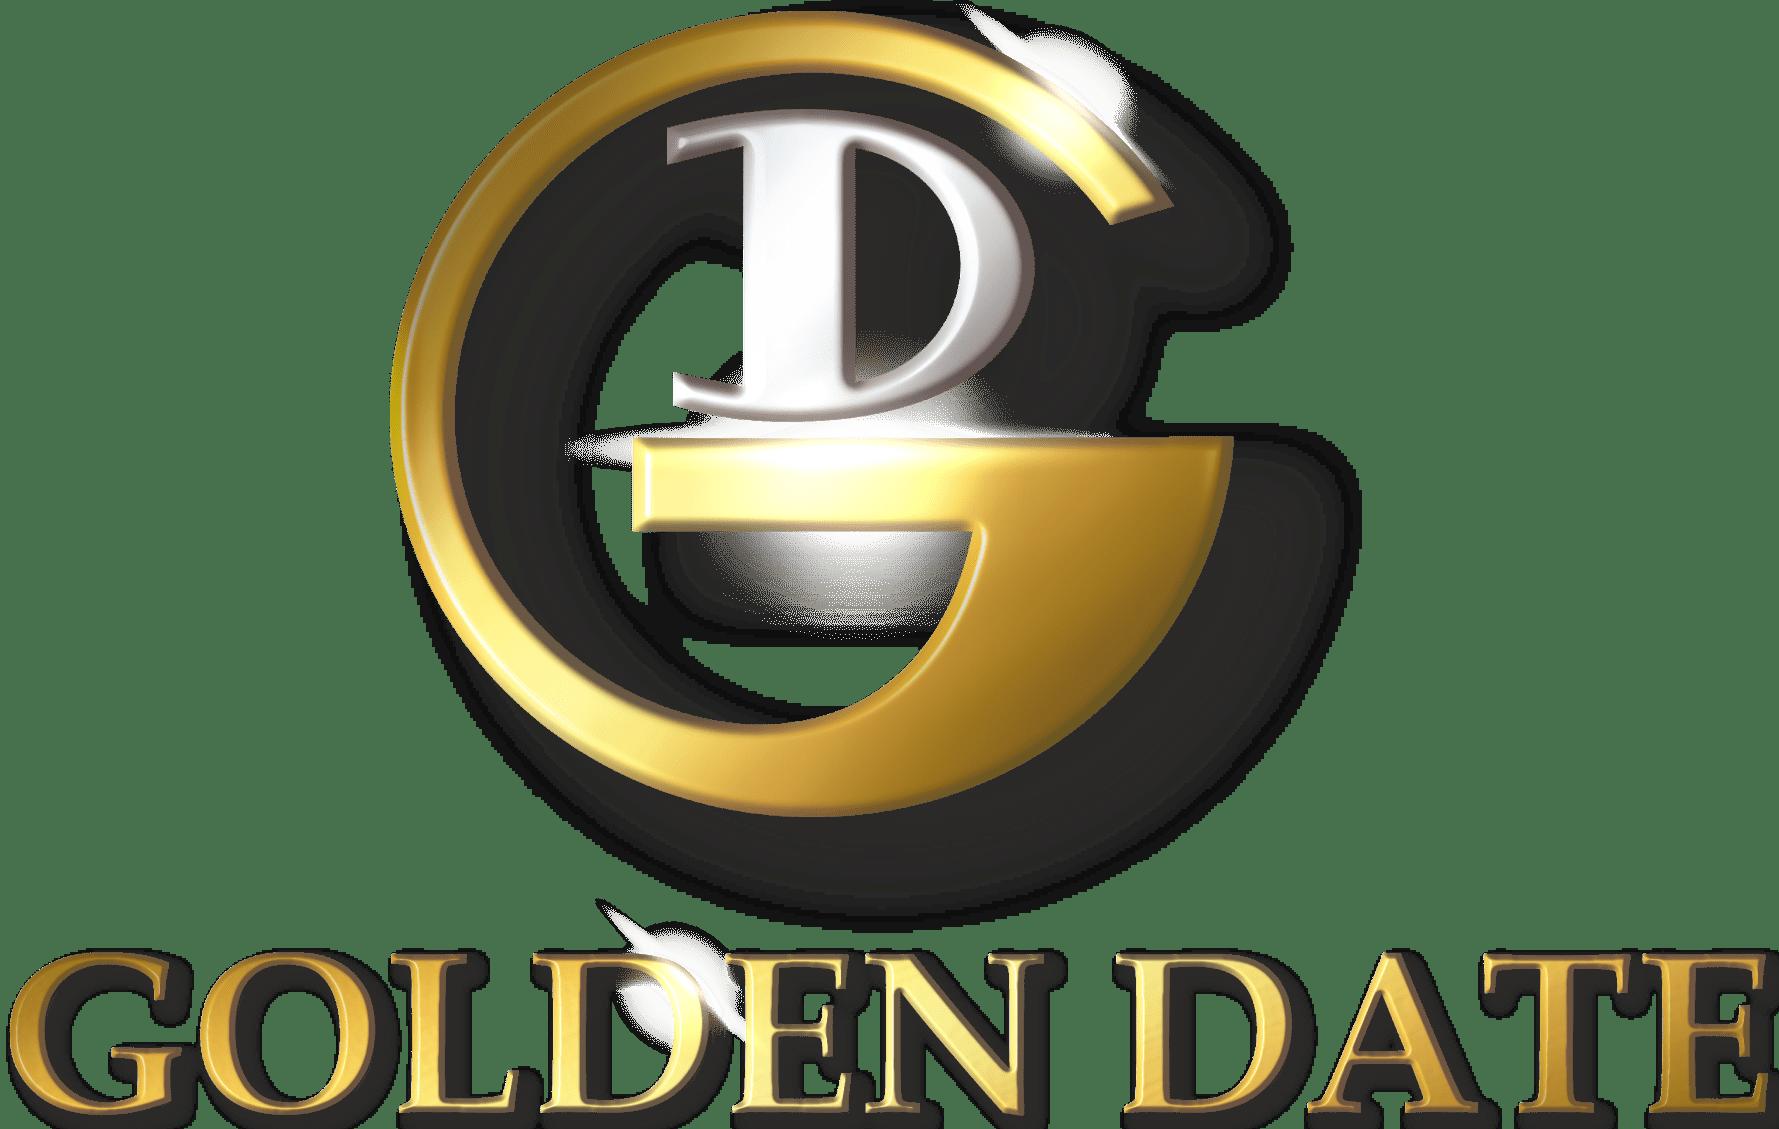 Goldendate